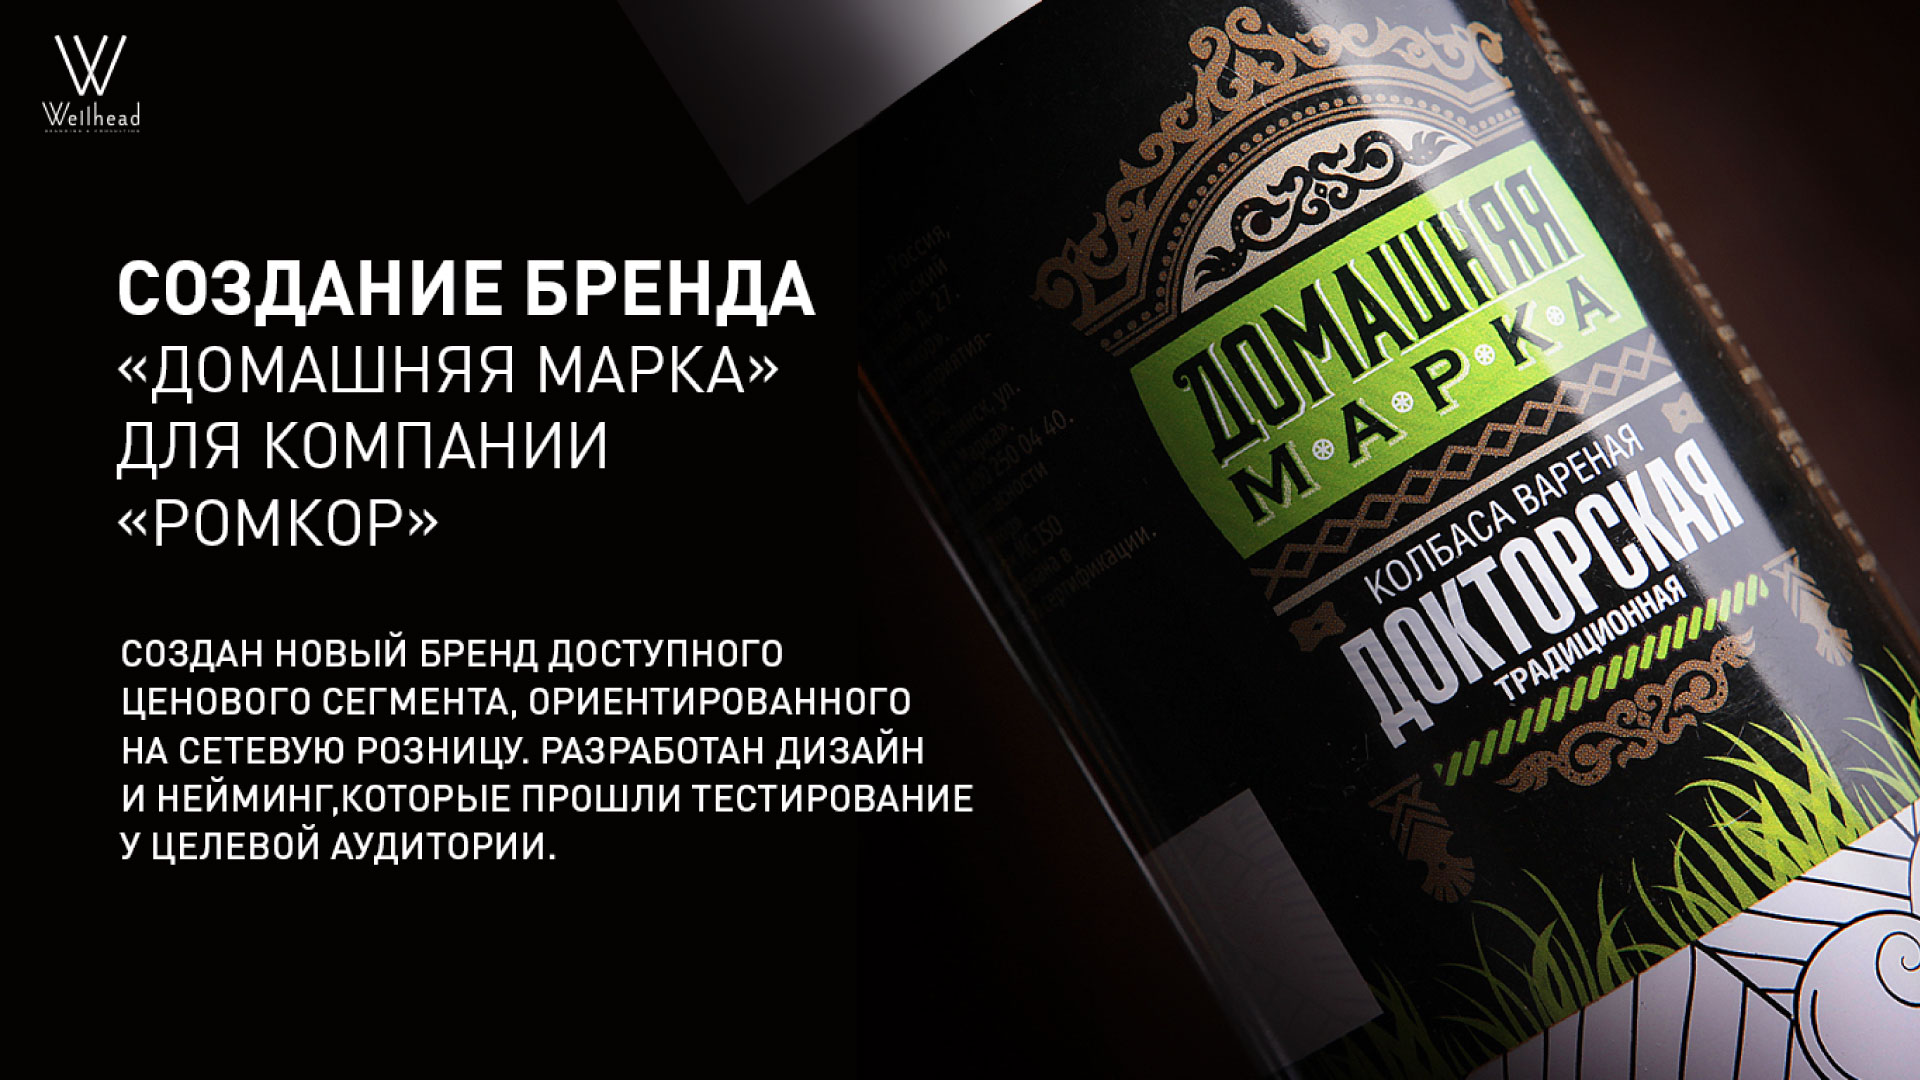 Создание бренда Домашняя марка для компании Ромкор